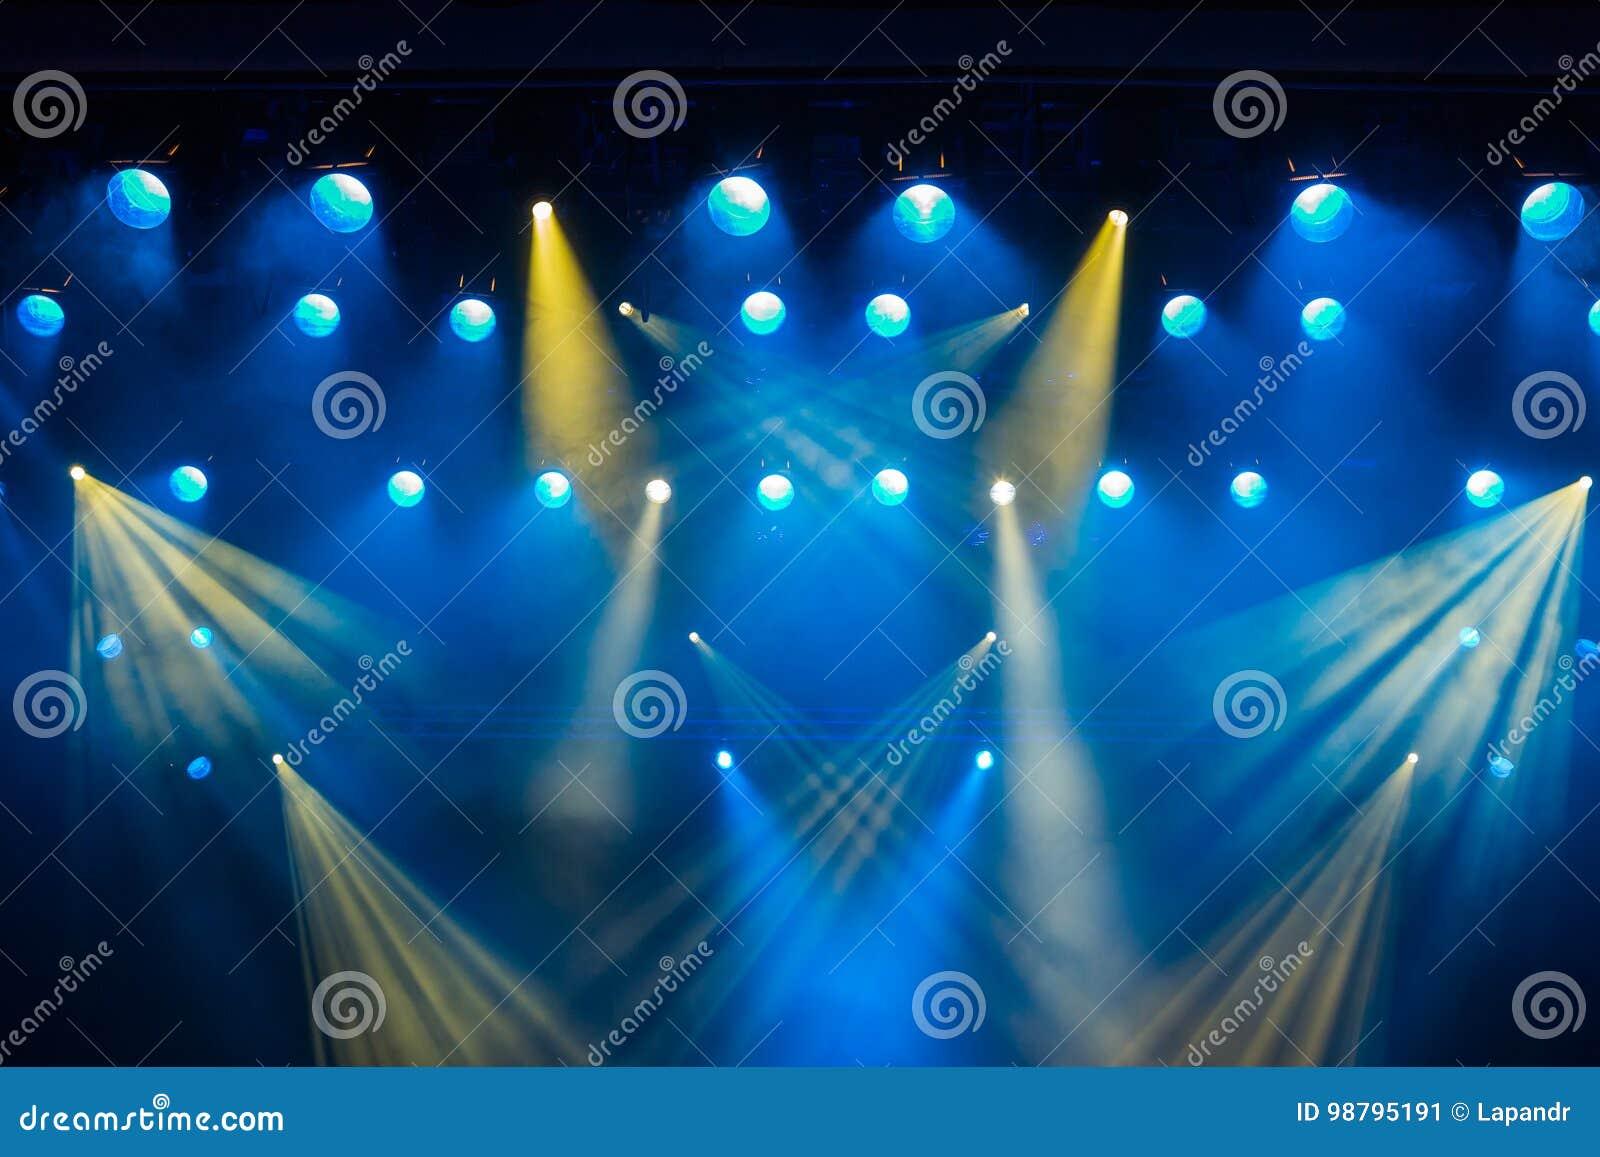 Equipo de iluminación en la etapa del teatro durante el funcionamiento Los rayos ligeros del proyector a través del humo